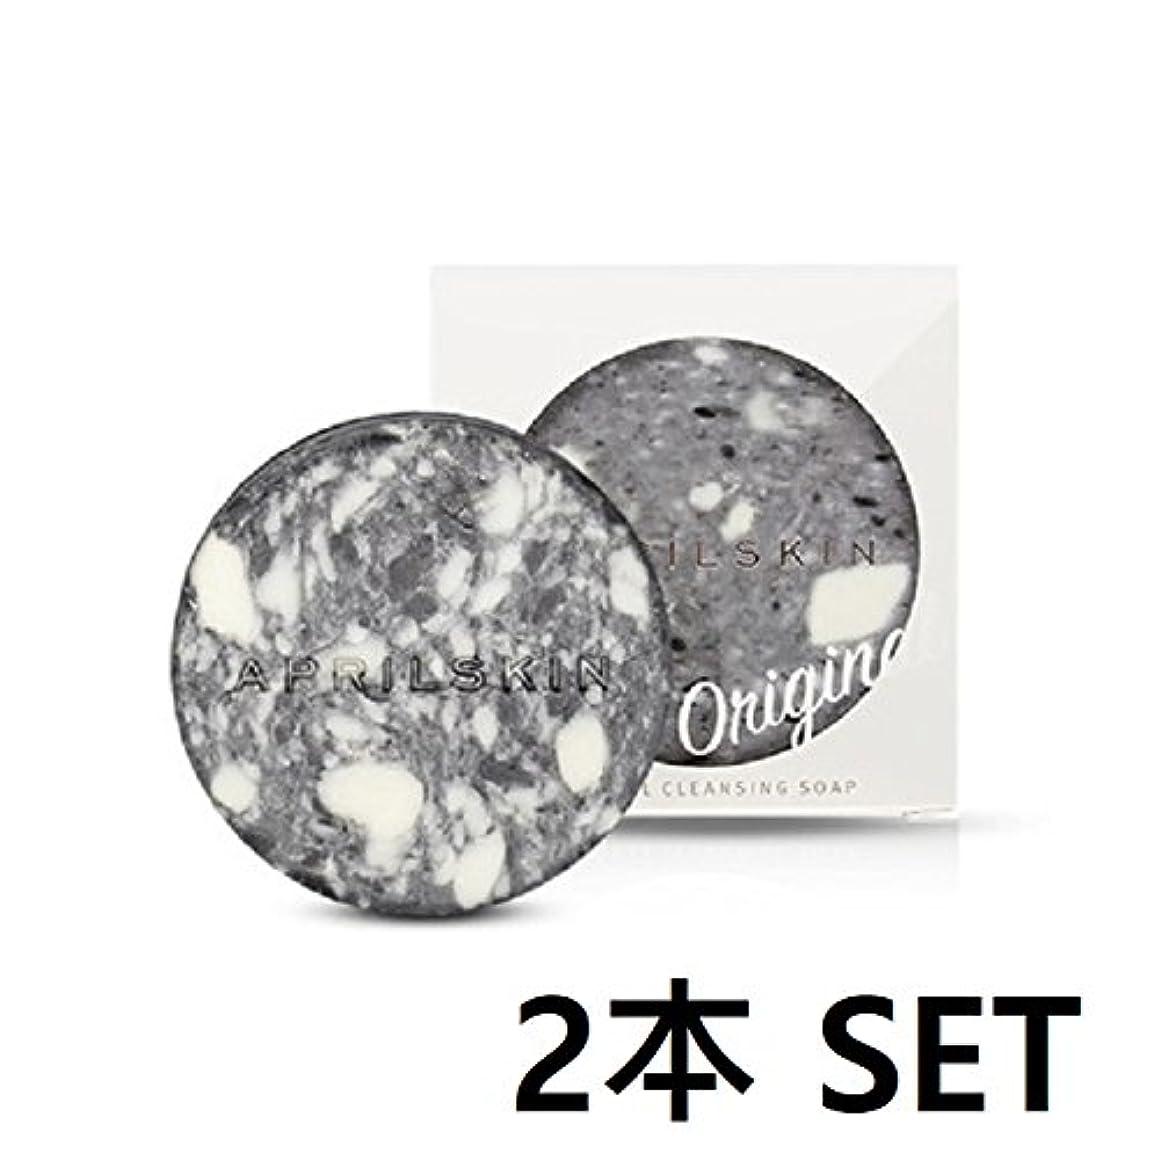 シロクマ特殊肥沃な[APRILSKIN] エイプリルスキン国民石鹸 ORIGINAL X 2PCS SET (APRIL SKIN magic stone マジックストーンのリニューアルバージョン新発売) (ORIGINAL) [並行輸入品]